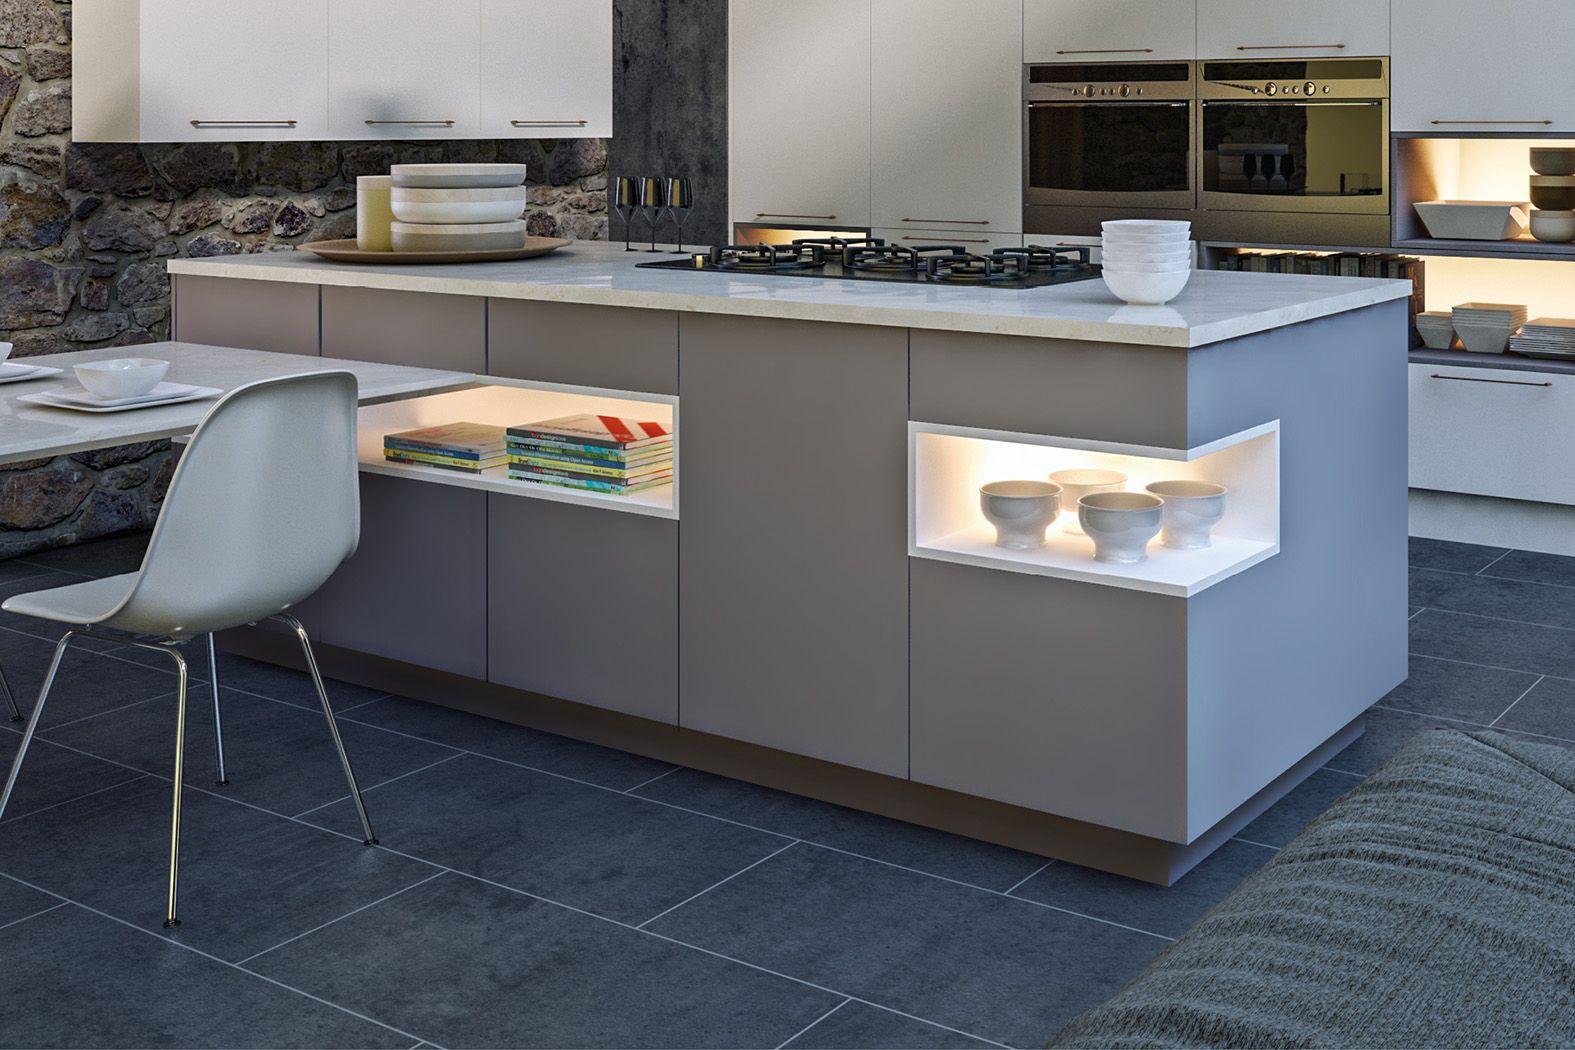 500 Wall Unit Cheap kitchen Cheap kitchen